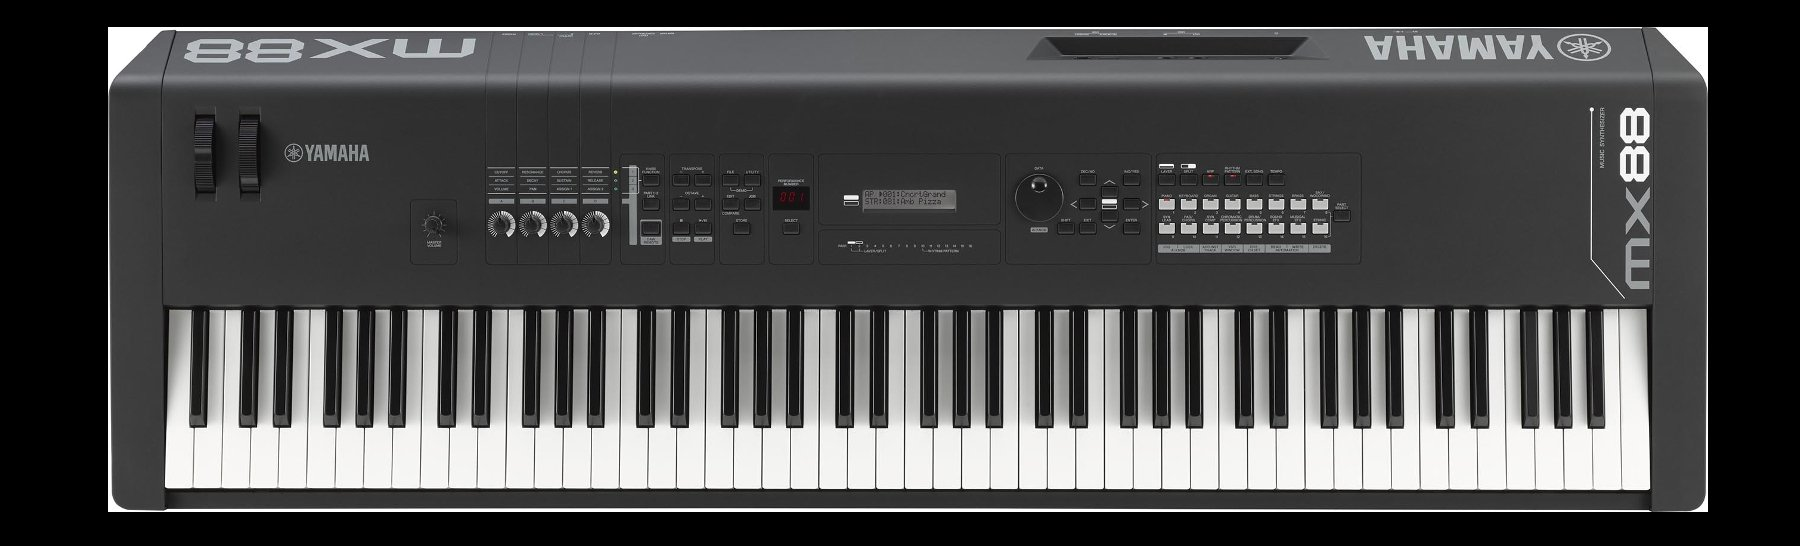 88-Key Music Synthesizer